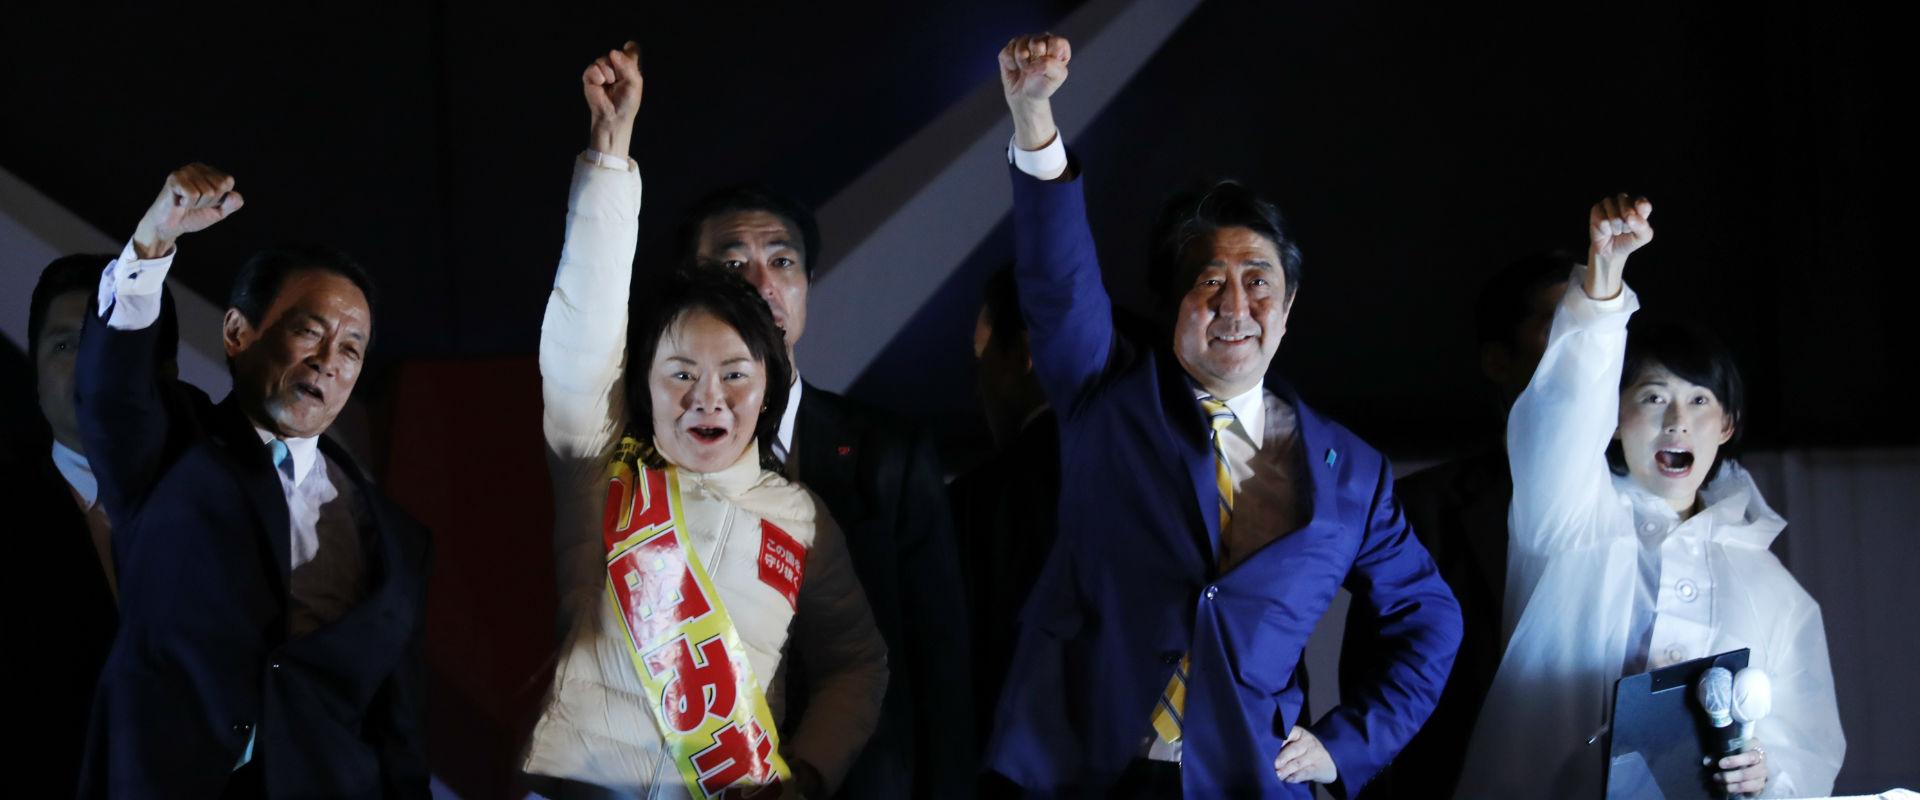 שינזו אבה (שני מימין) בכנס המפלגה הליברלית הדמוקרט